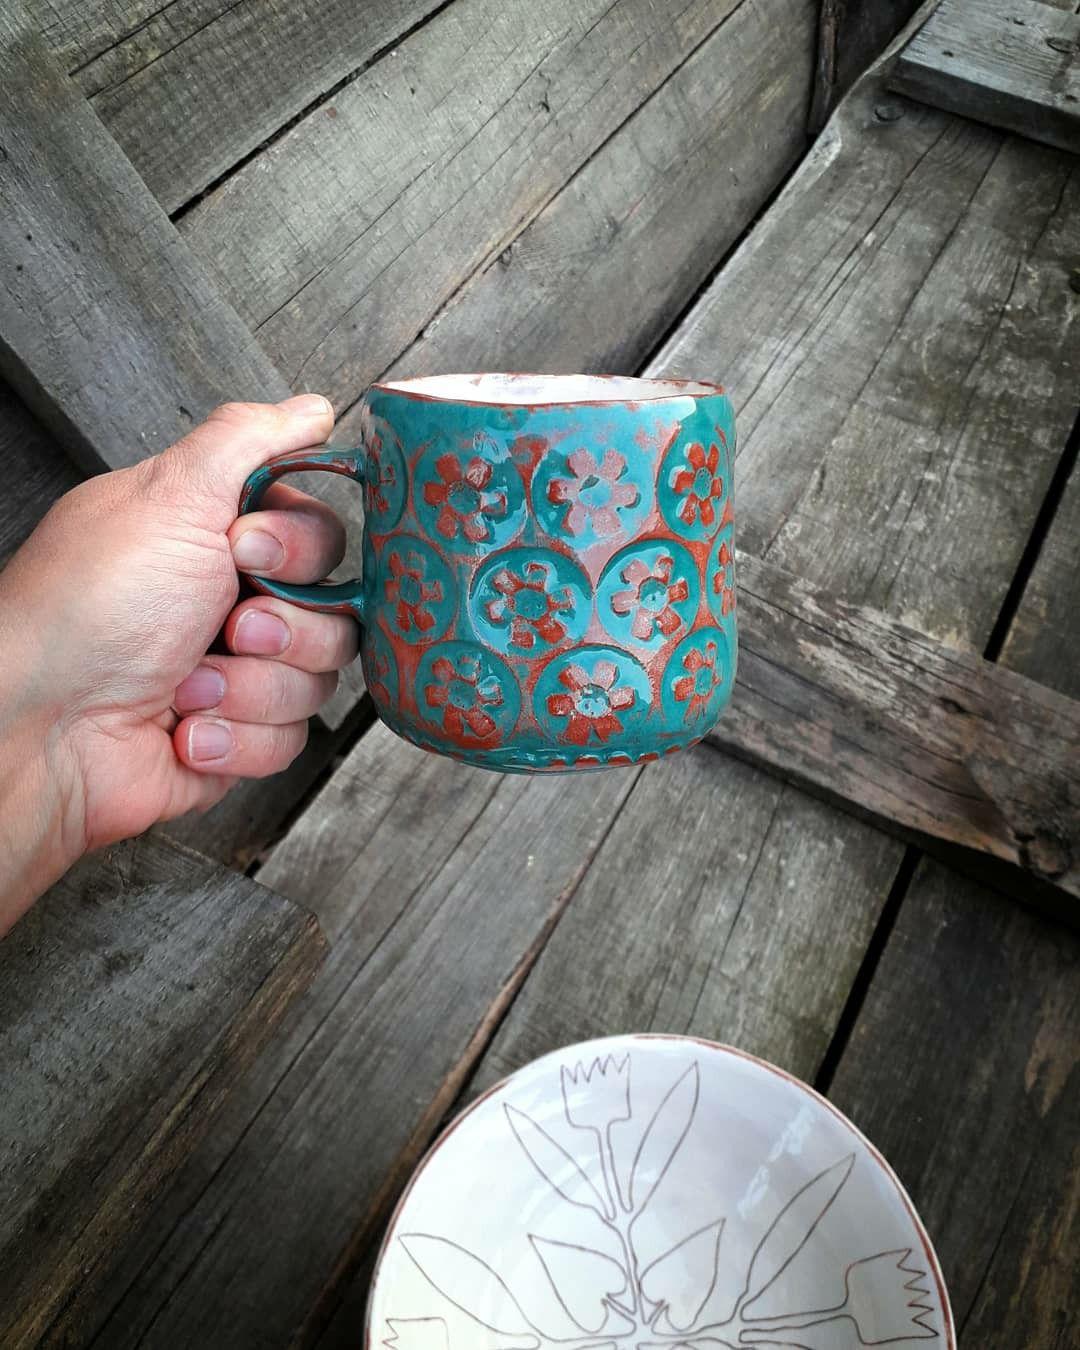 кераміка #керамікаукраїна #керамікакиїв #керамікаручноїроботи #авторськакераміка #художнякераміка #студіякерамікиантоніникузьо #керамічнатарілка #ceramic #ceramichandmade #ceramicart #ceramicplate #керамиканазаказ #керамикасвоимируками #керамикаукраина #керамика #керамикаручнойработы #керамическаятарелка #ceramica #ceramicist #ceramicshandmade #ceramics #ceramicstudio #ceramicplate #ceramic #ceramiclovers #potterystudio #potterylife #potterylife #pottery #clay #clayartist9